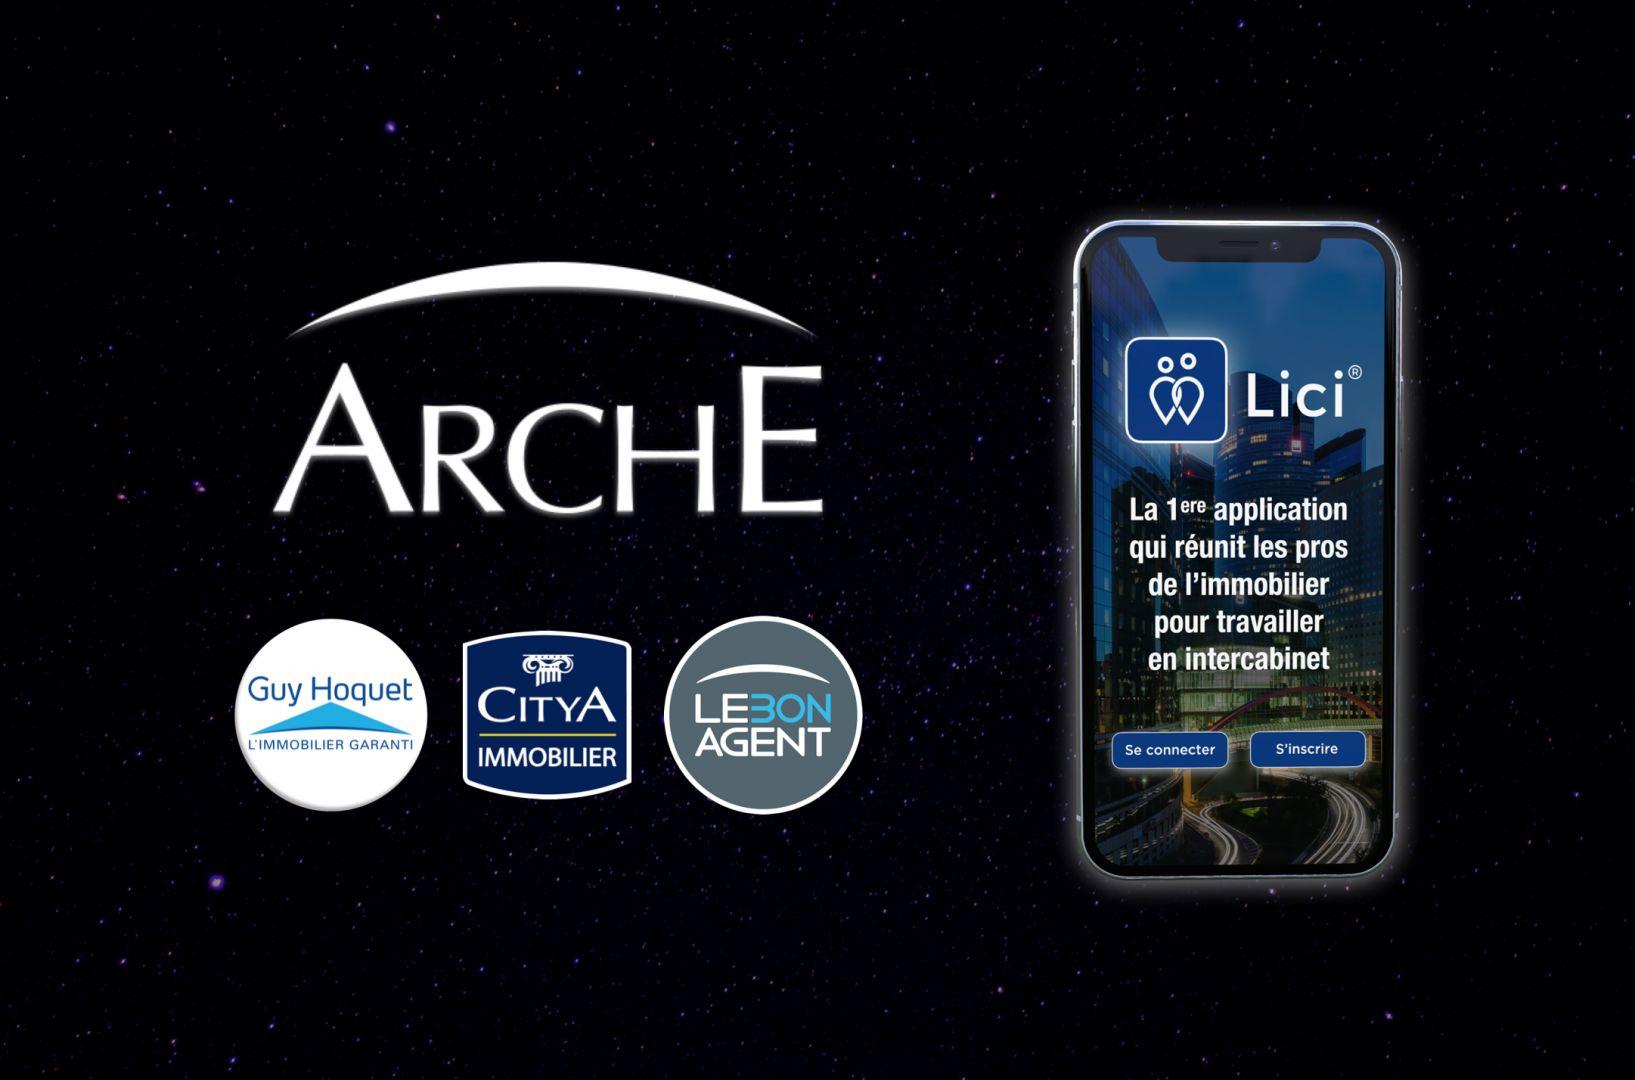 ARCHE universalise la collaboration inter-agences avec la plateforme de partage Lici